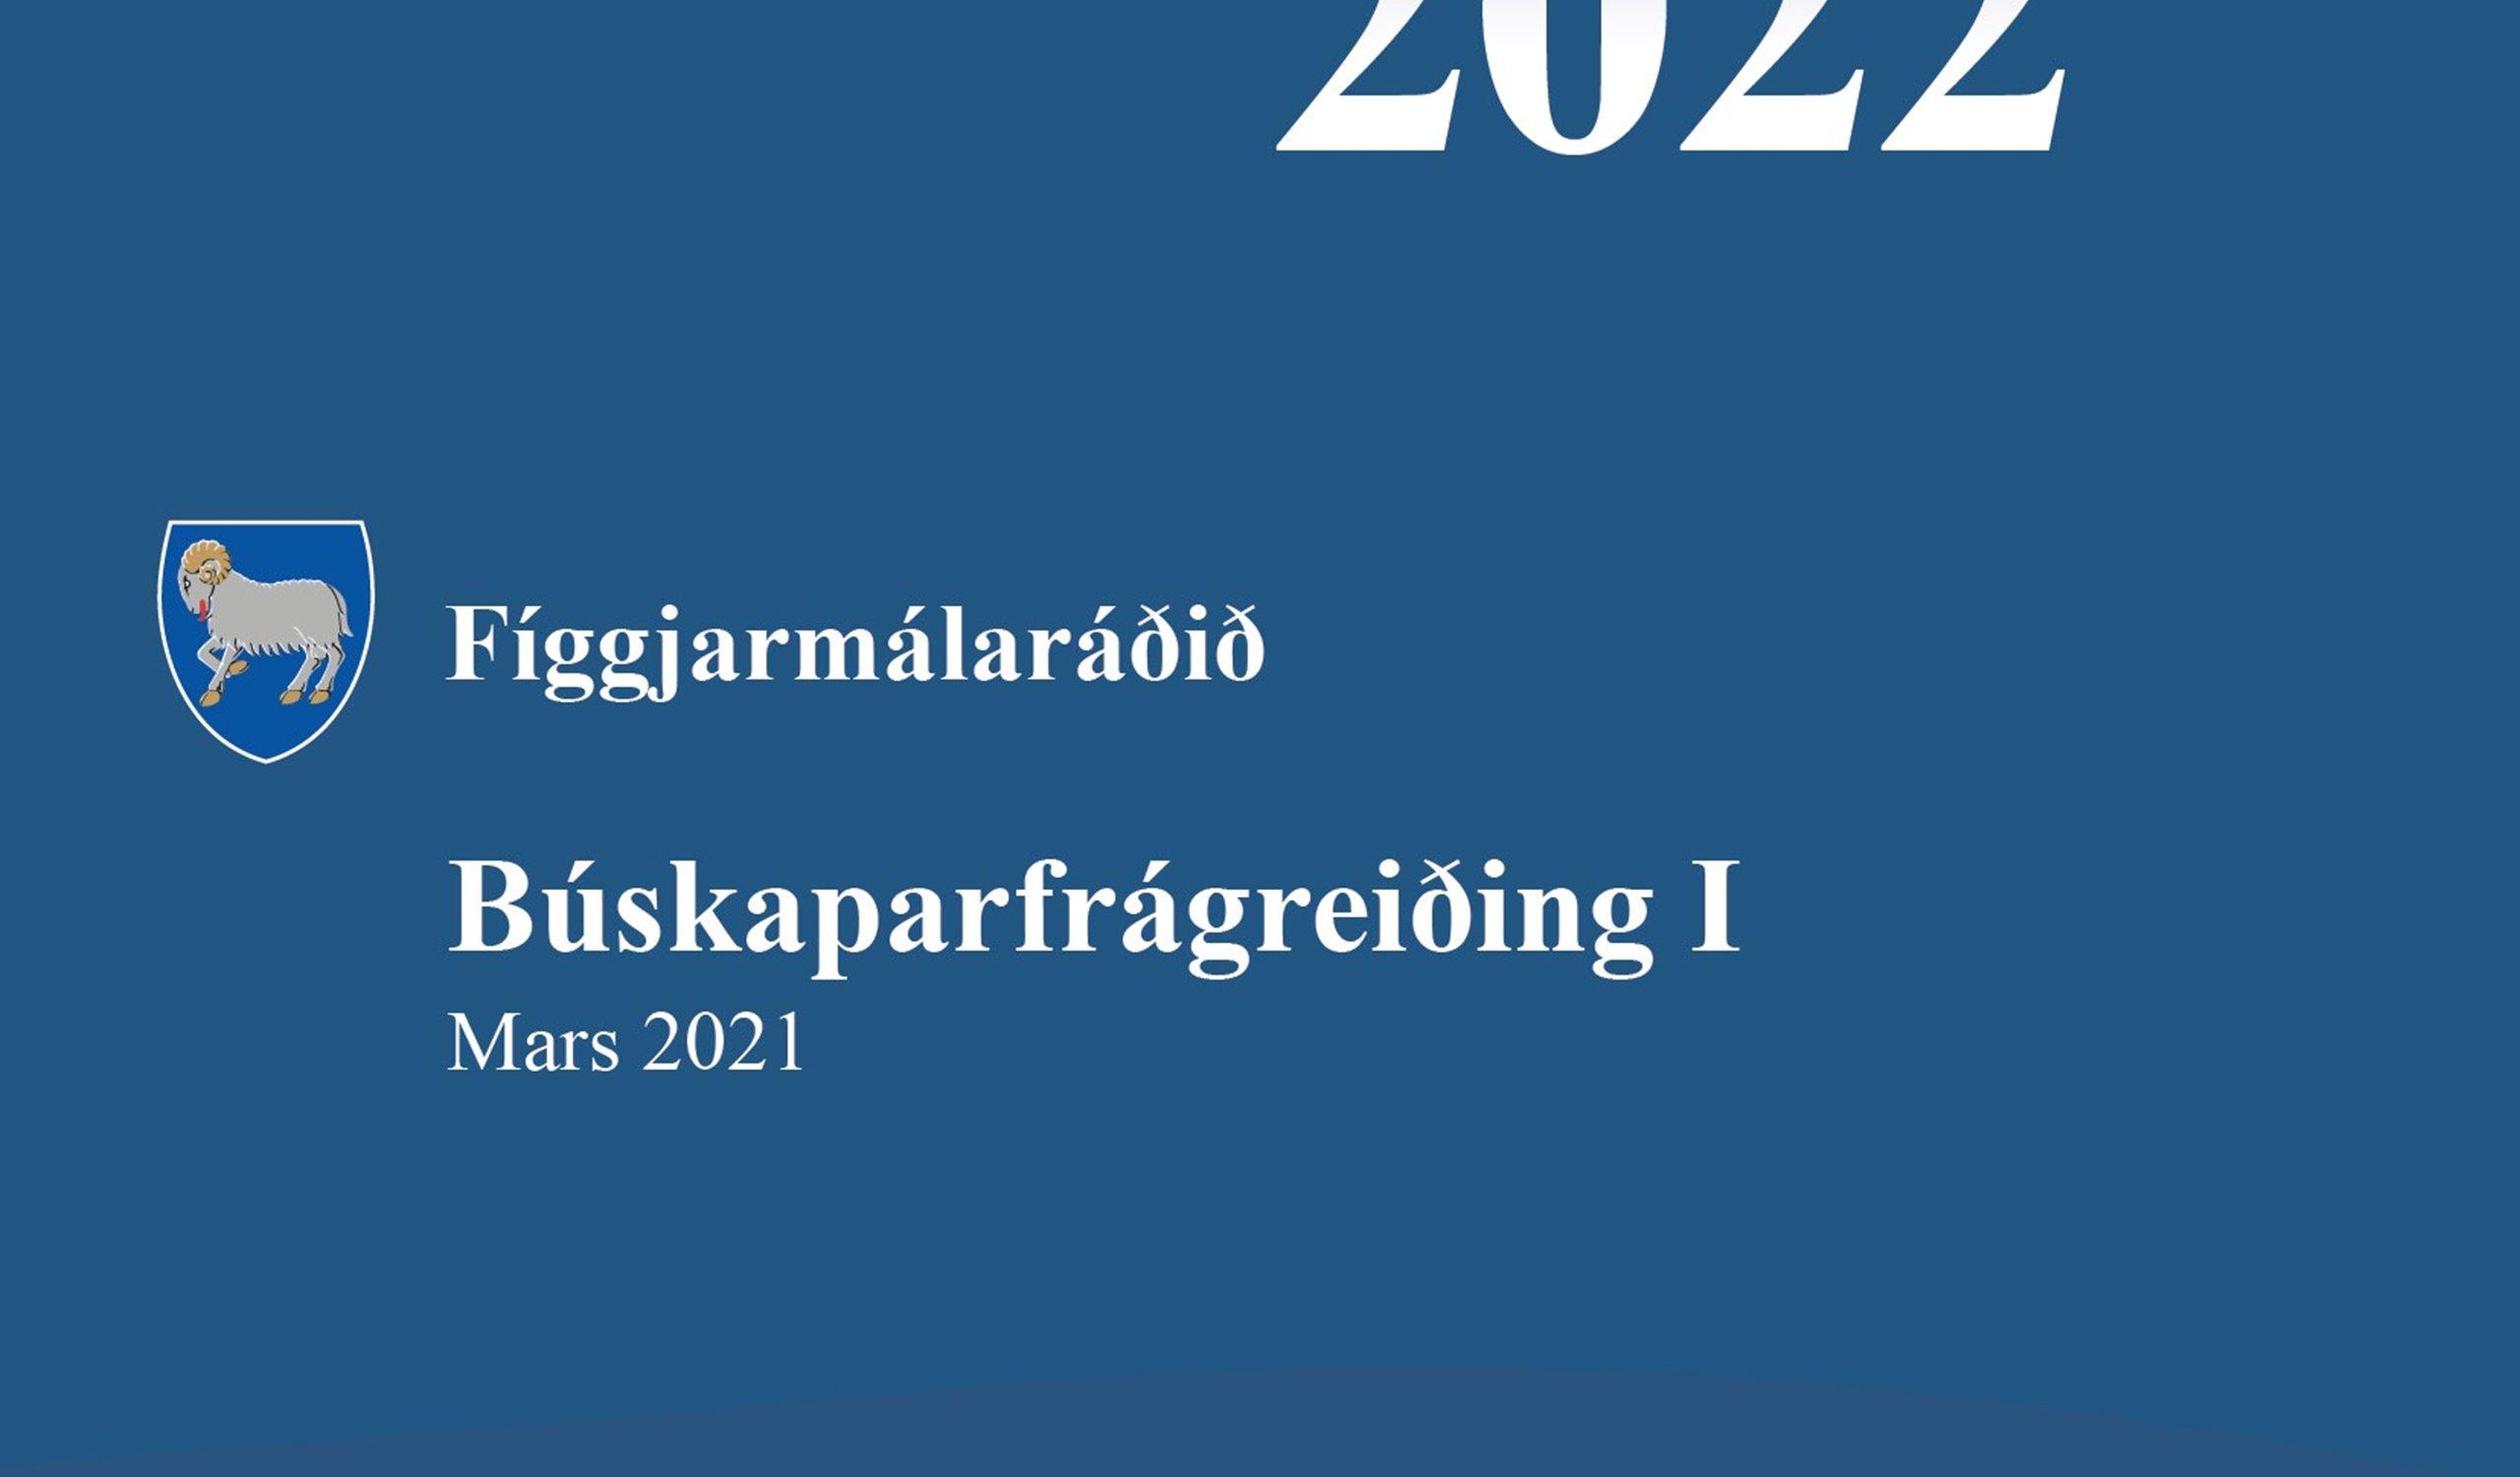 Játtanarkarmar 2022